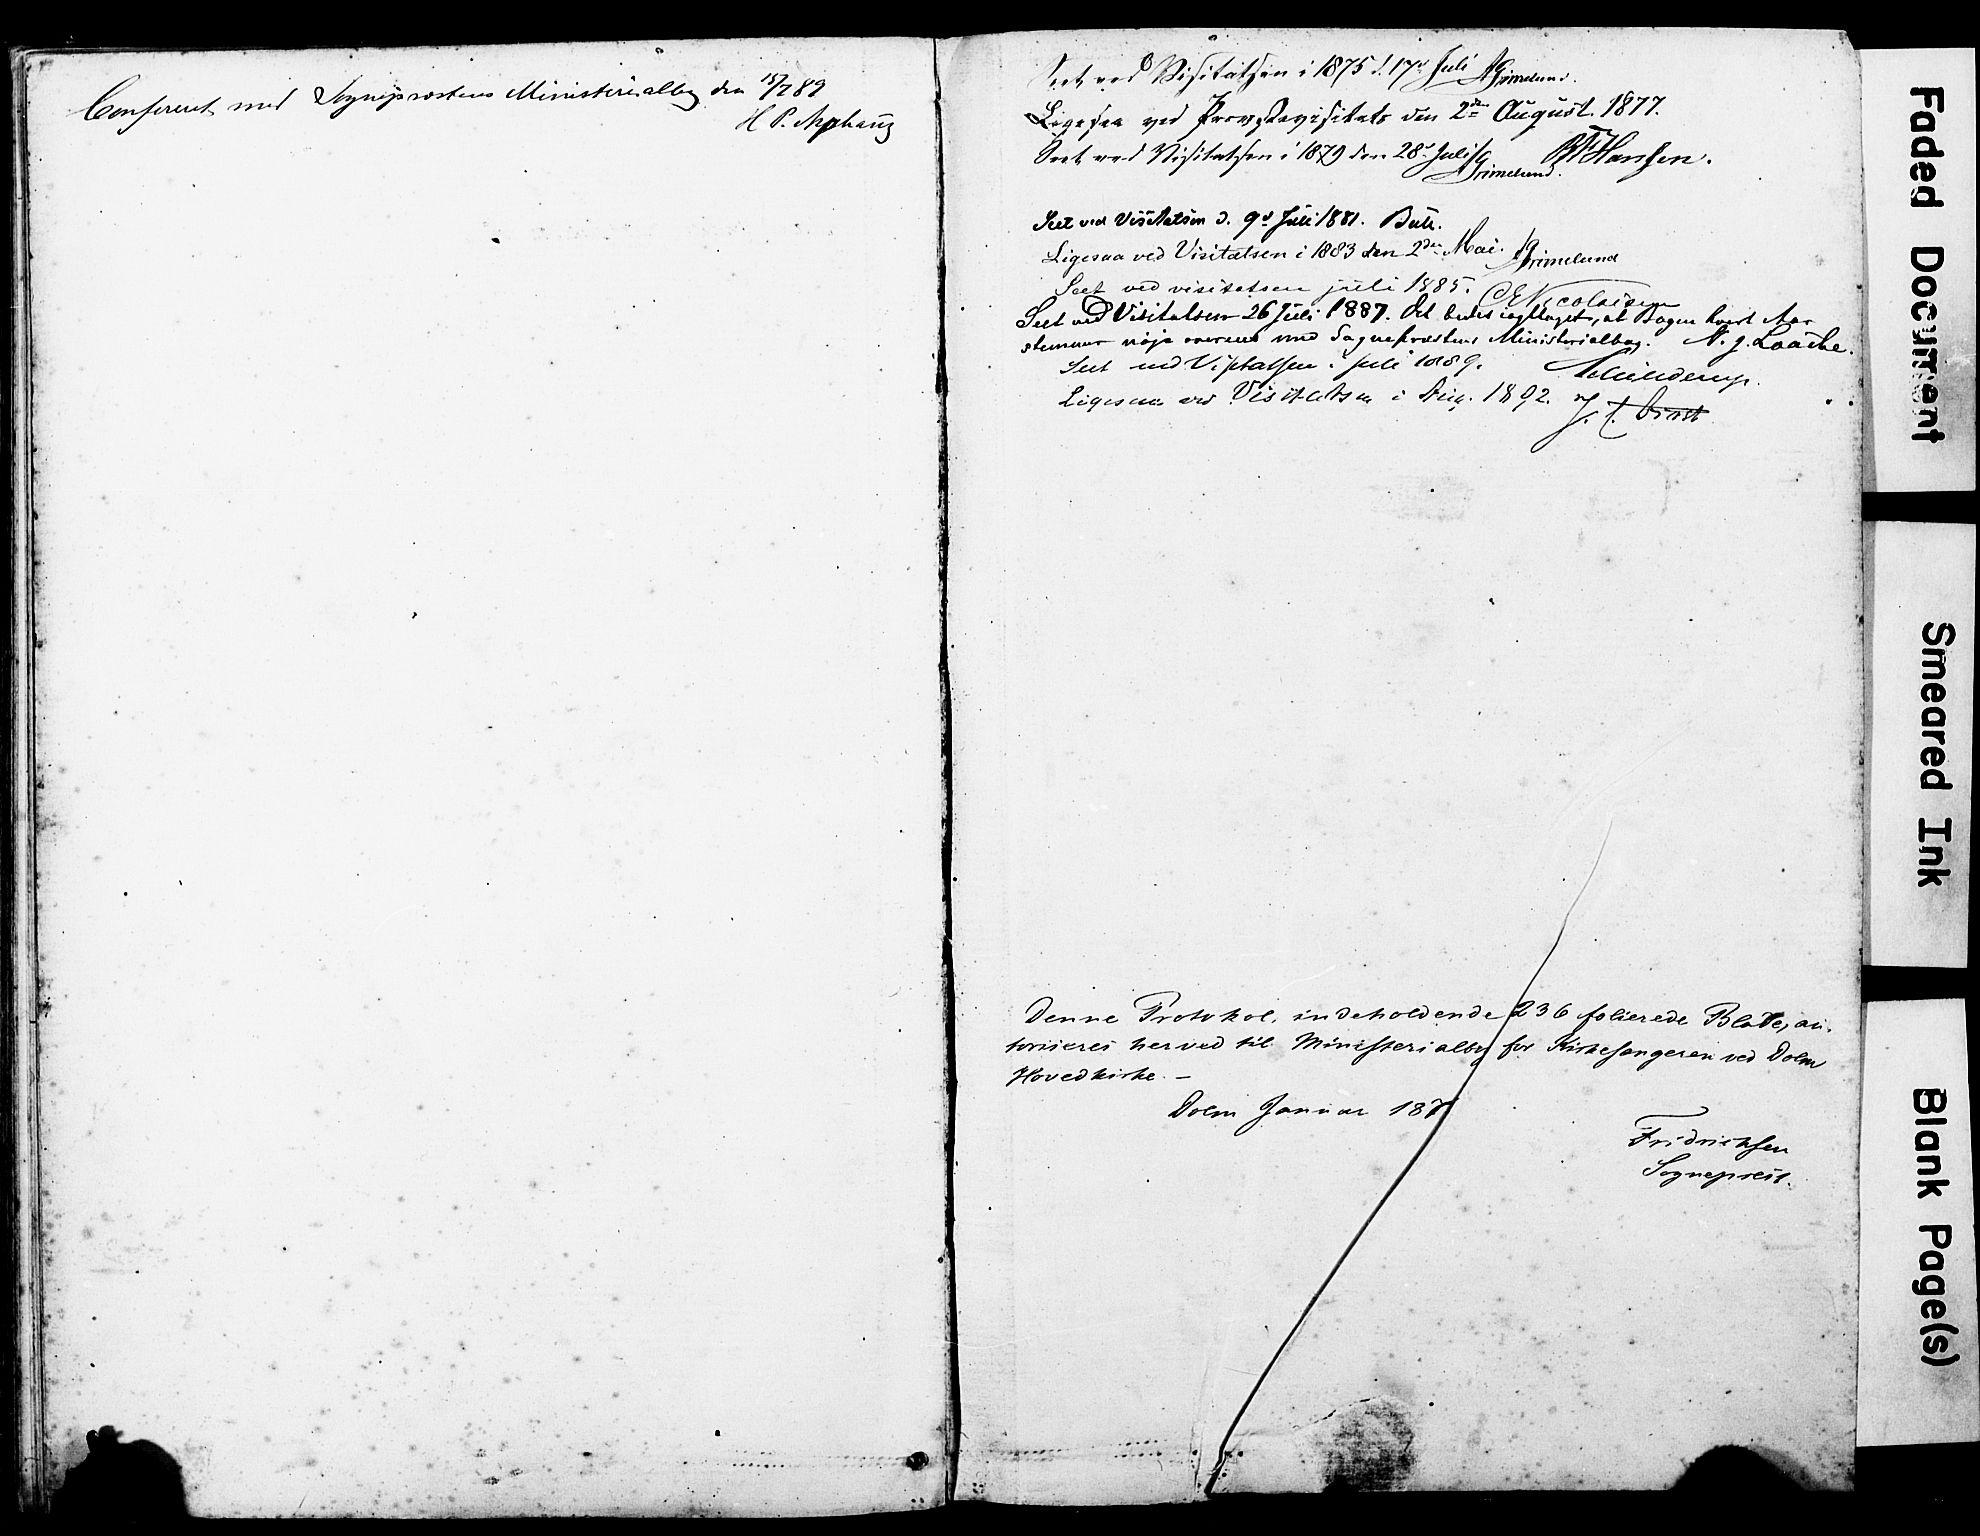 SAT, Ministerialprotokoller, klokkerbøker og fødselsregistre - Sør-Trøndelag, 634/L0541: Klokkerbok nr. 634C03, 1874-1891